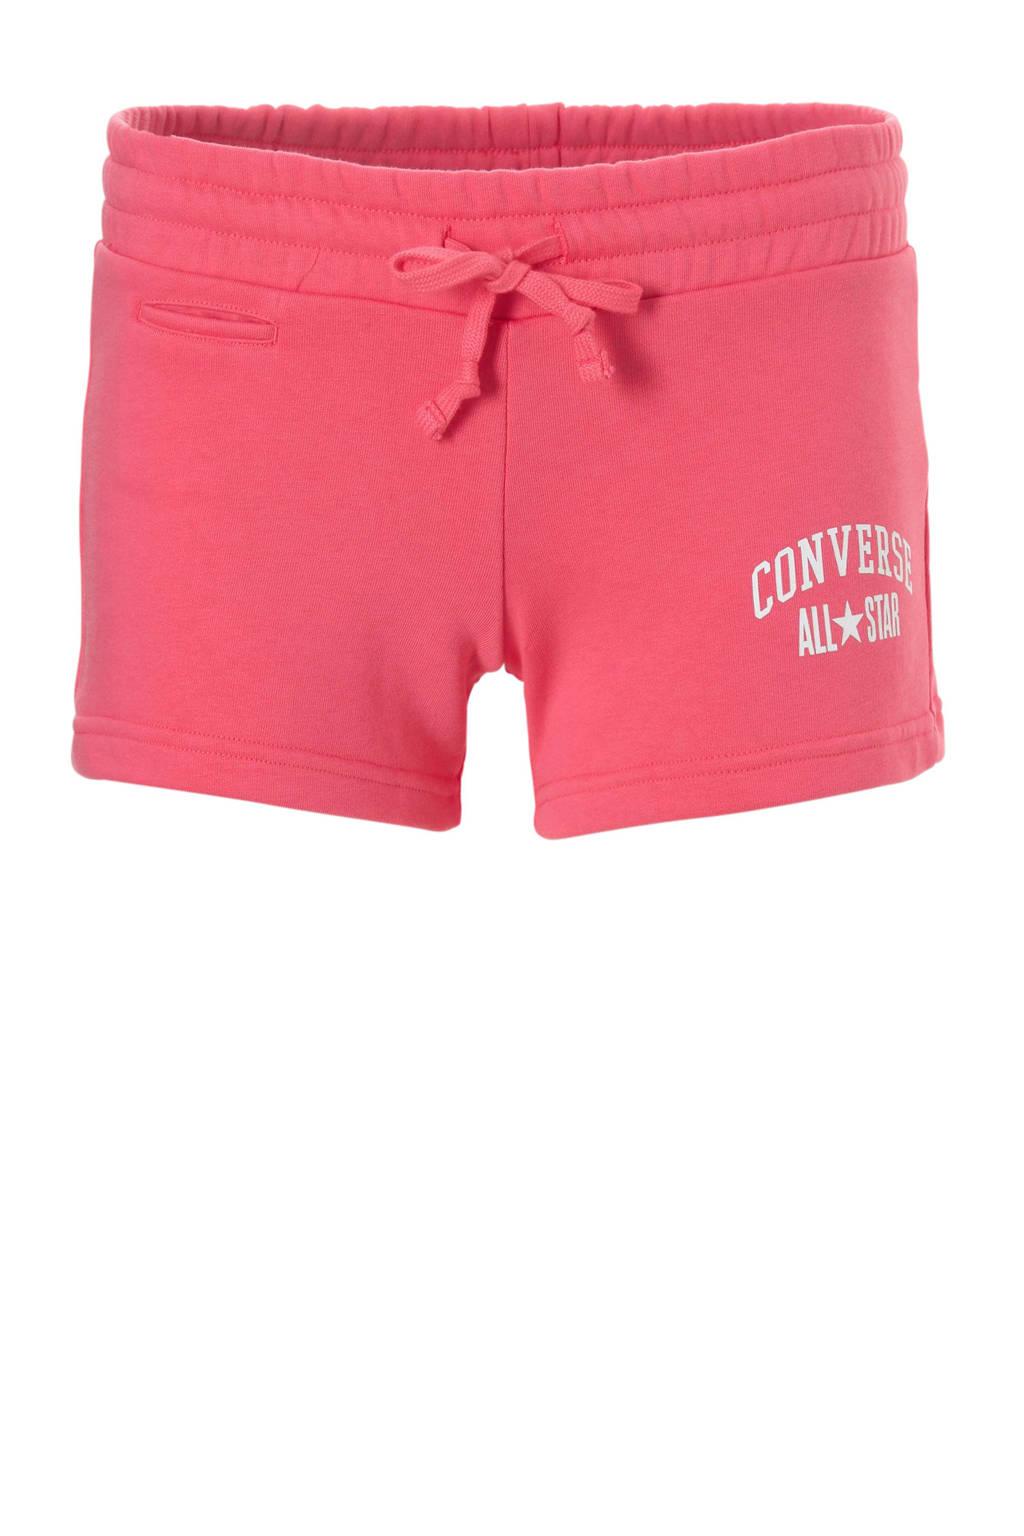 Converse sweatshort roze, Roze